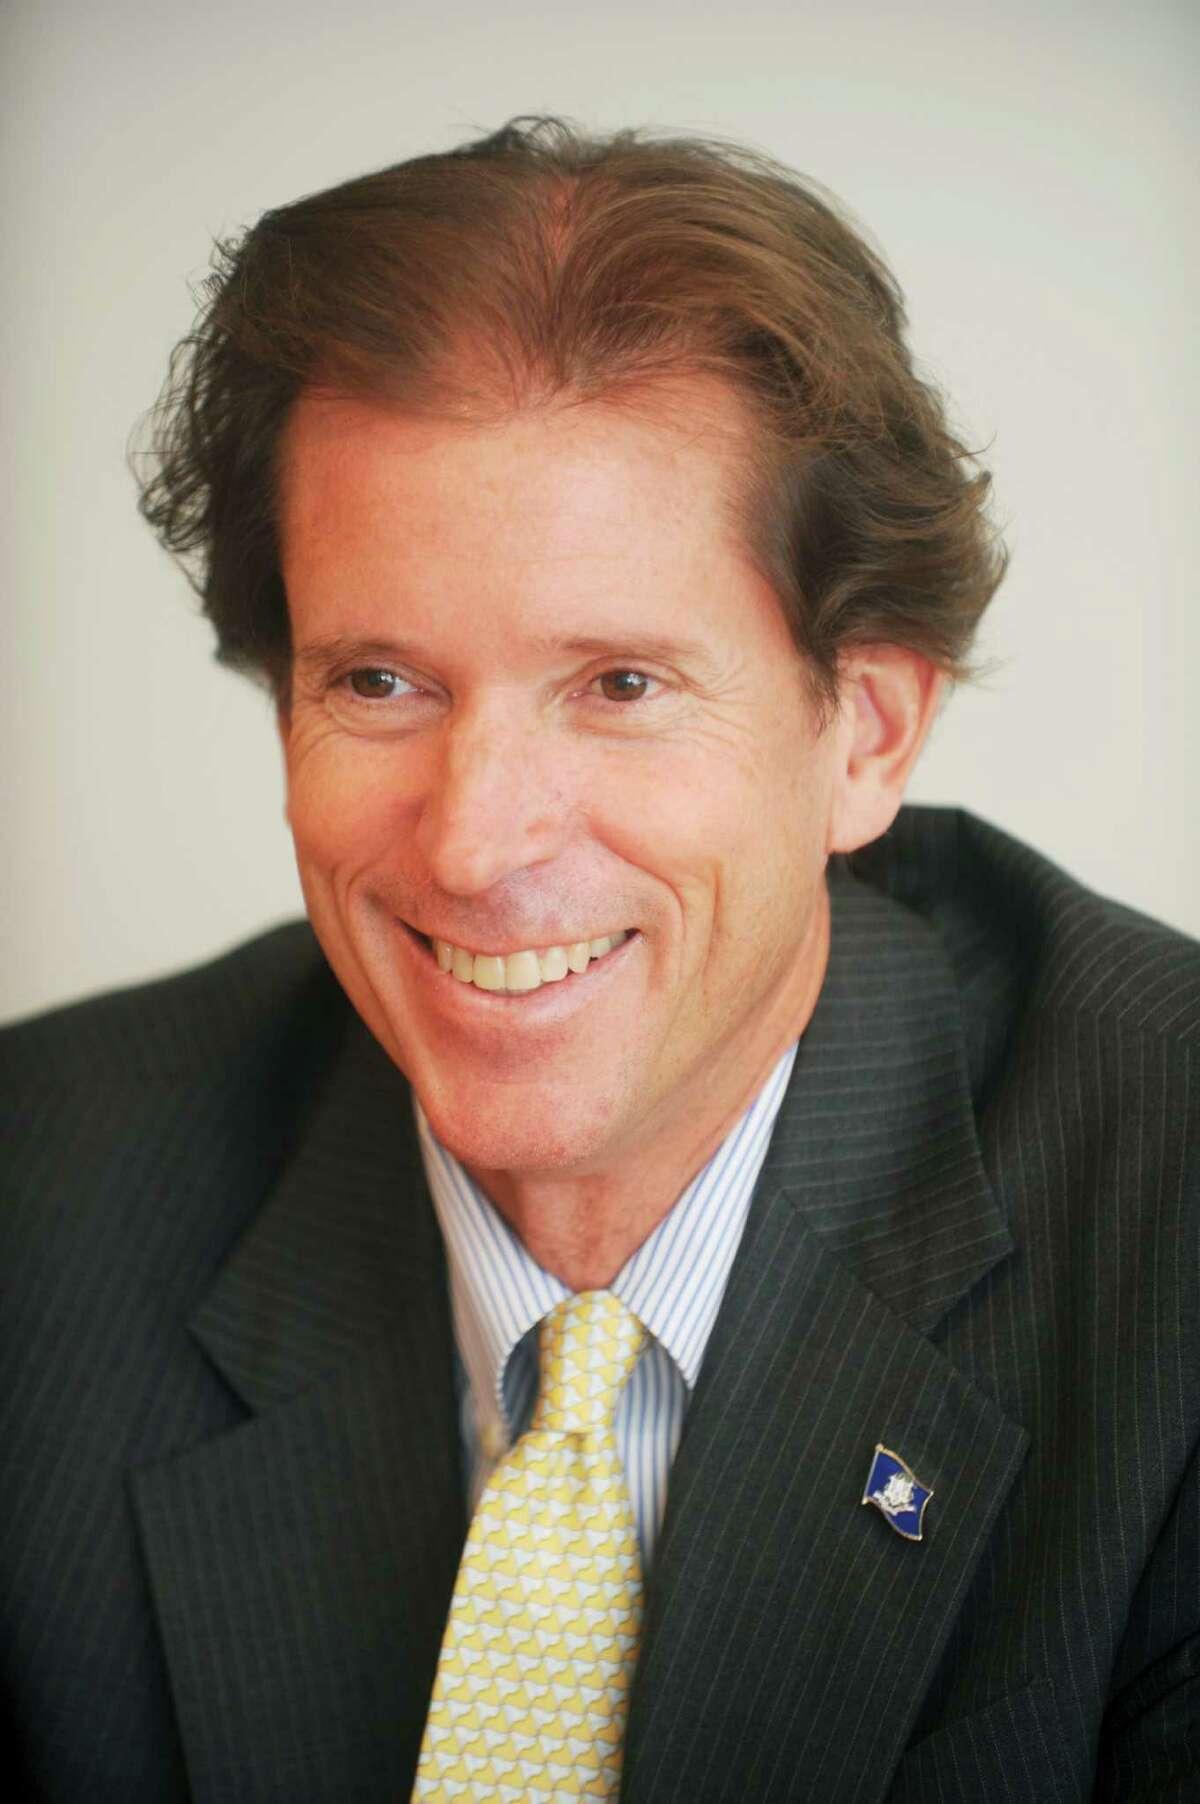 Republican state Sen. L. Scott Frantz